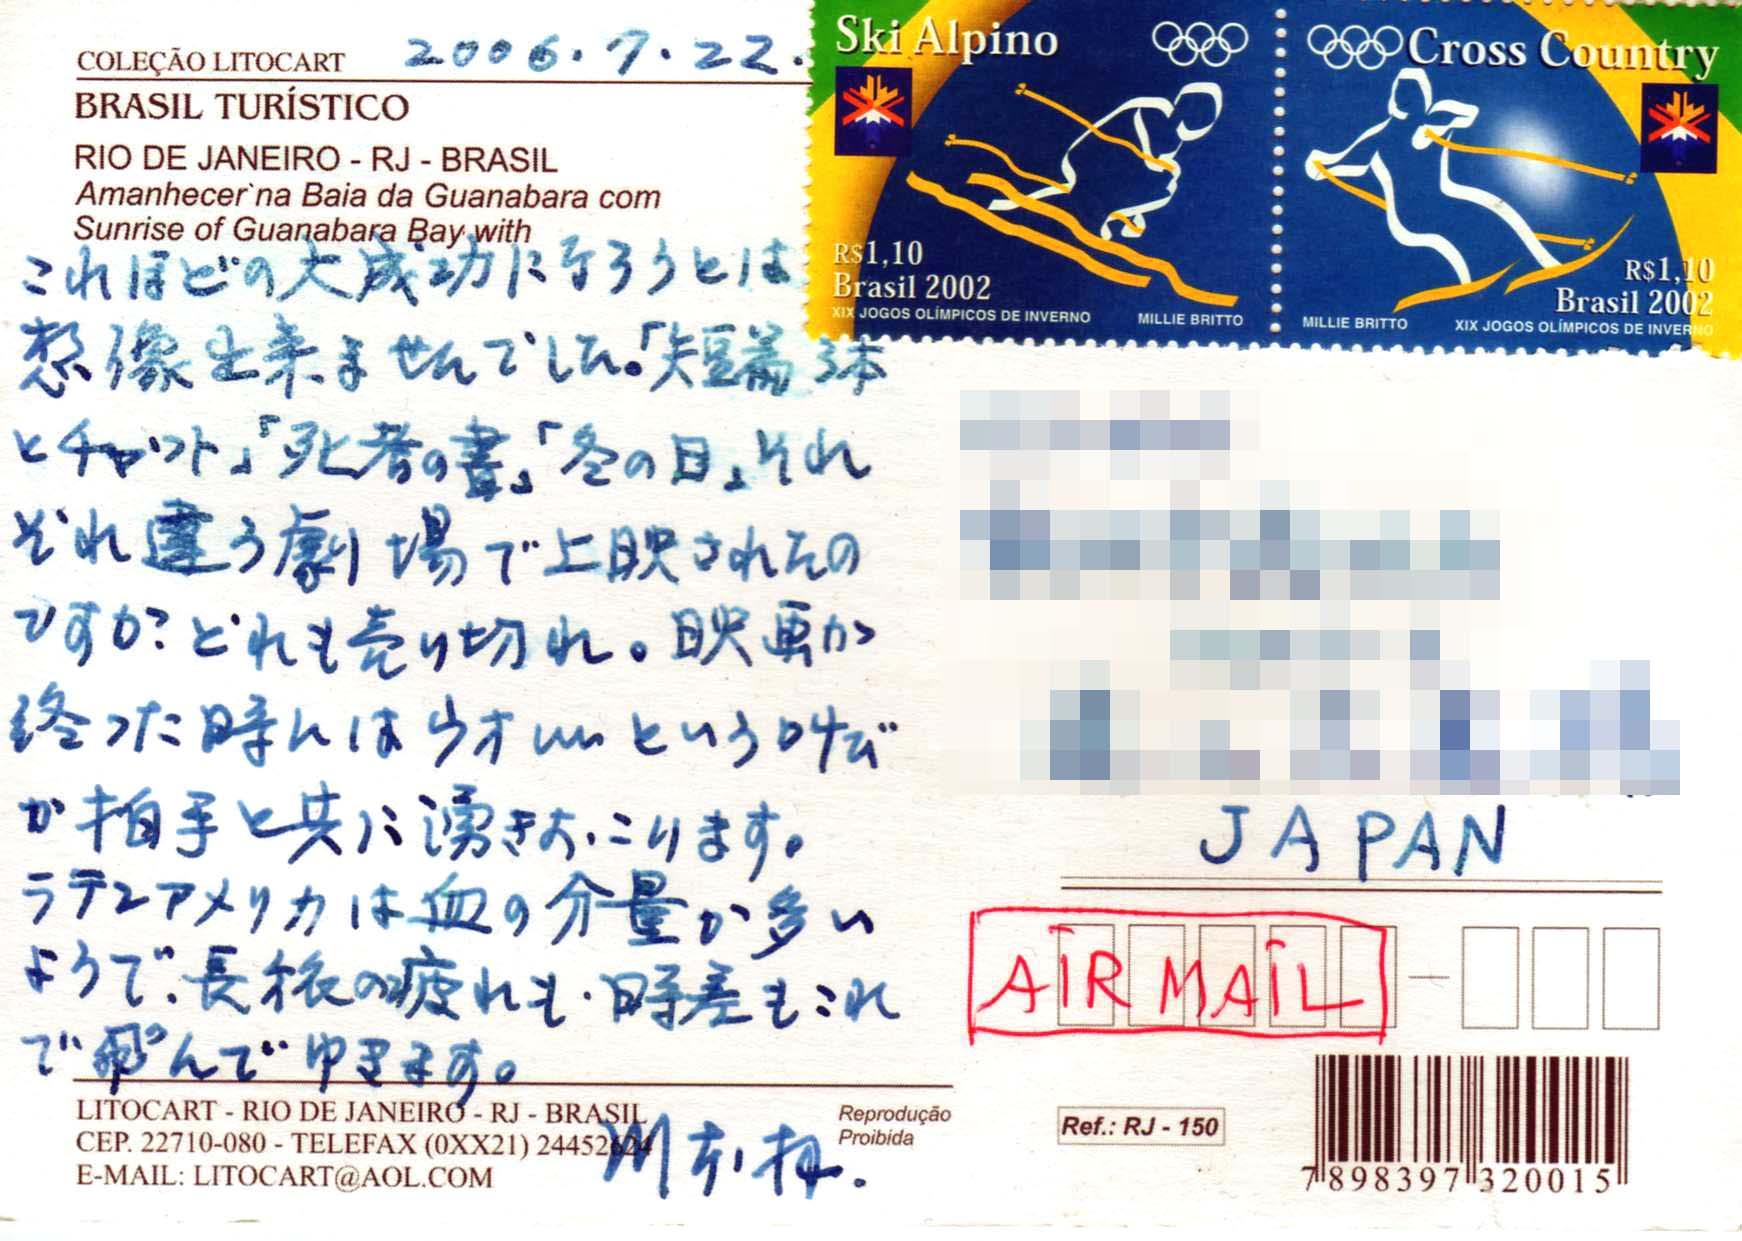 川本先生からのAIR MAIL ブラジルから_b0103889_16363482.jpg